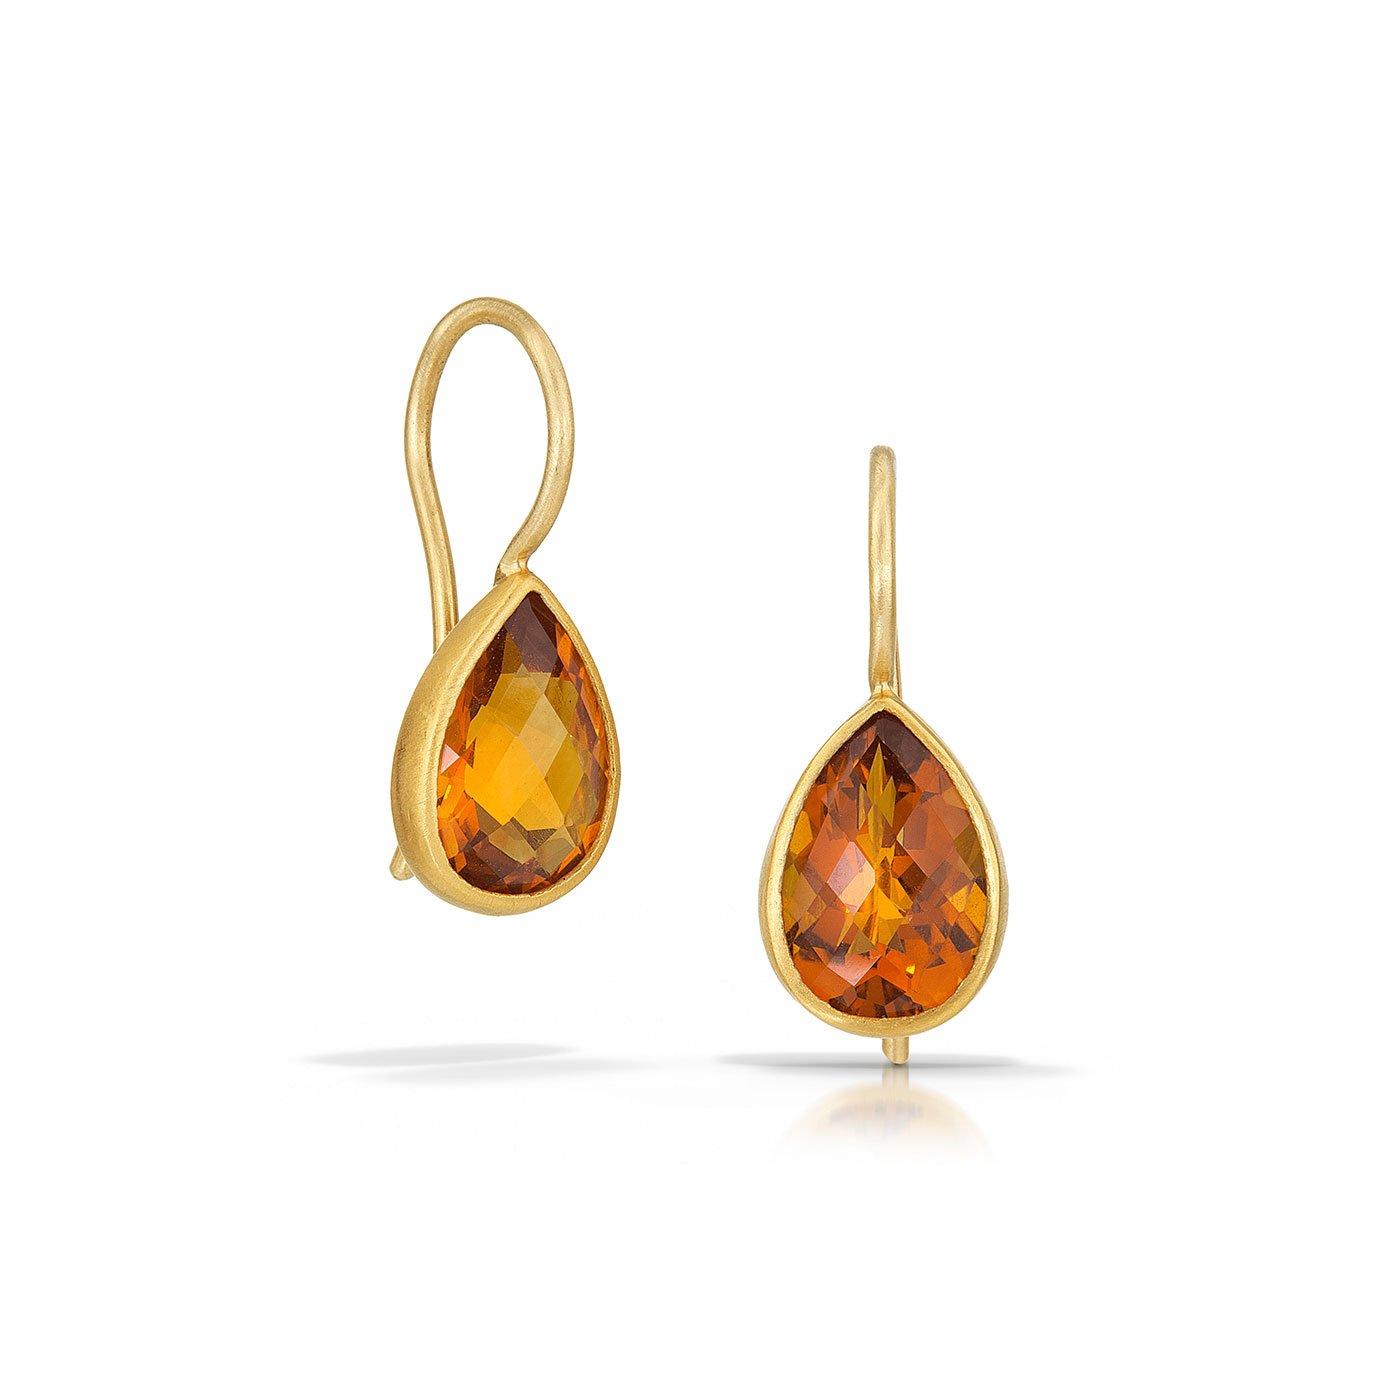 Hessonite Earrings - Betesh - Mansoor Jewelers